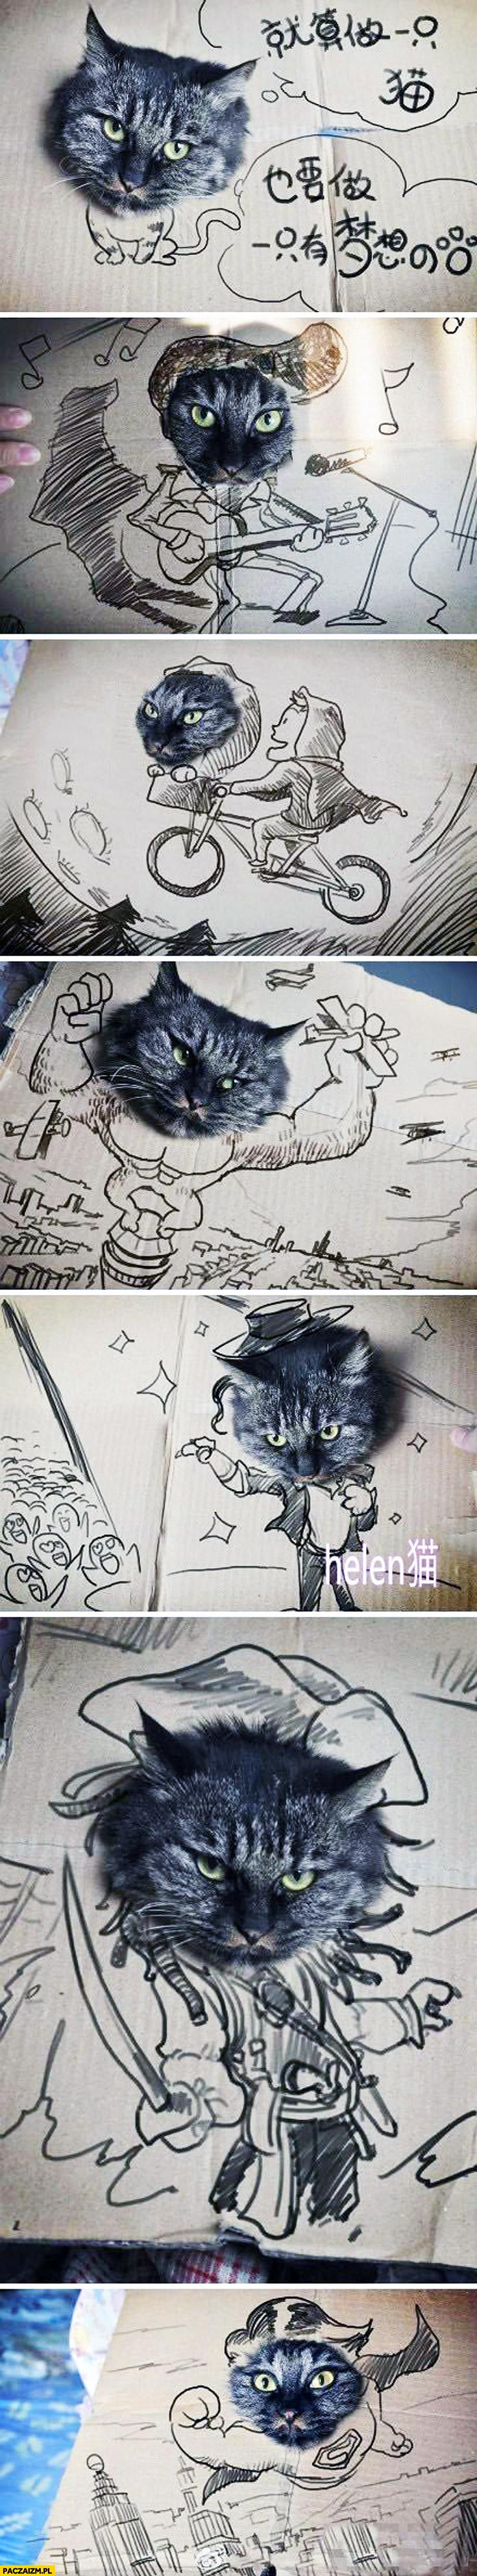 Głowa kota wystająca z kartonu rysunki